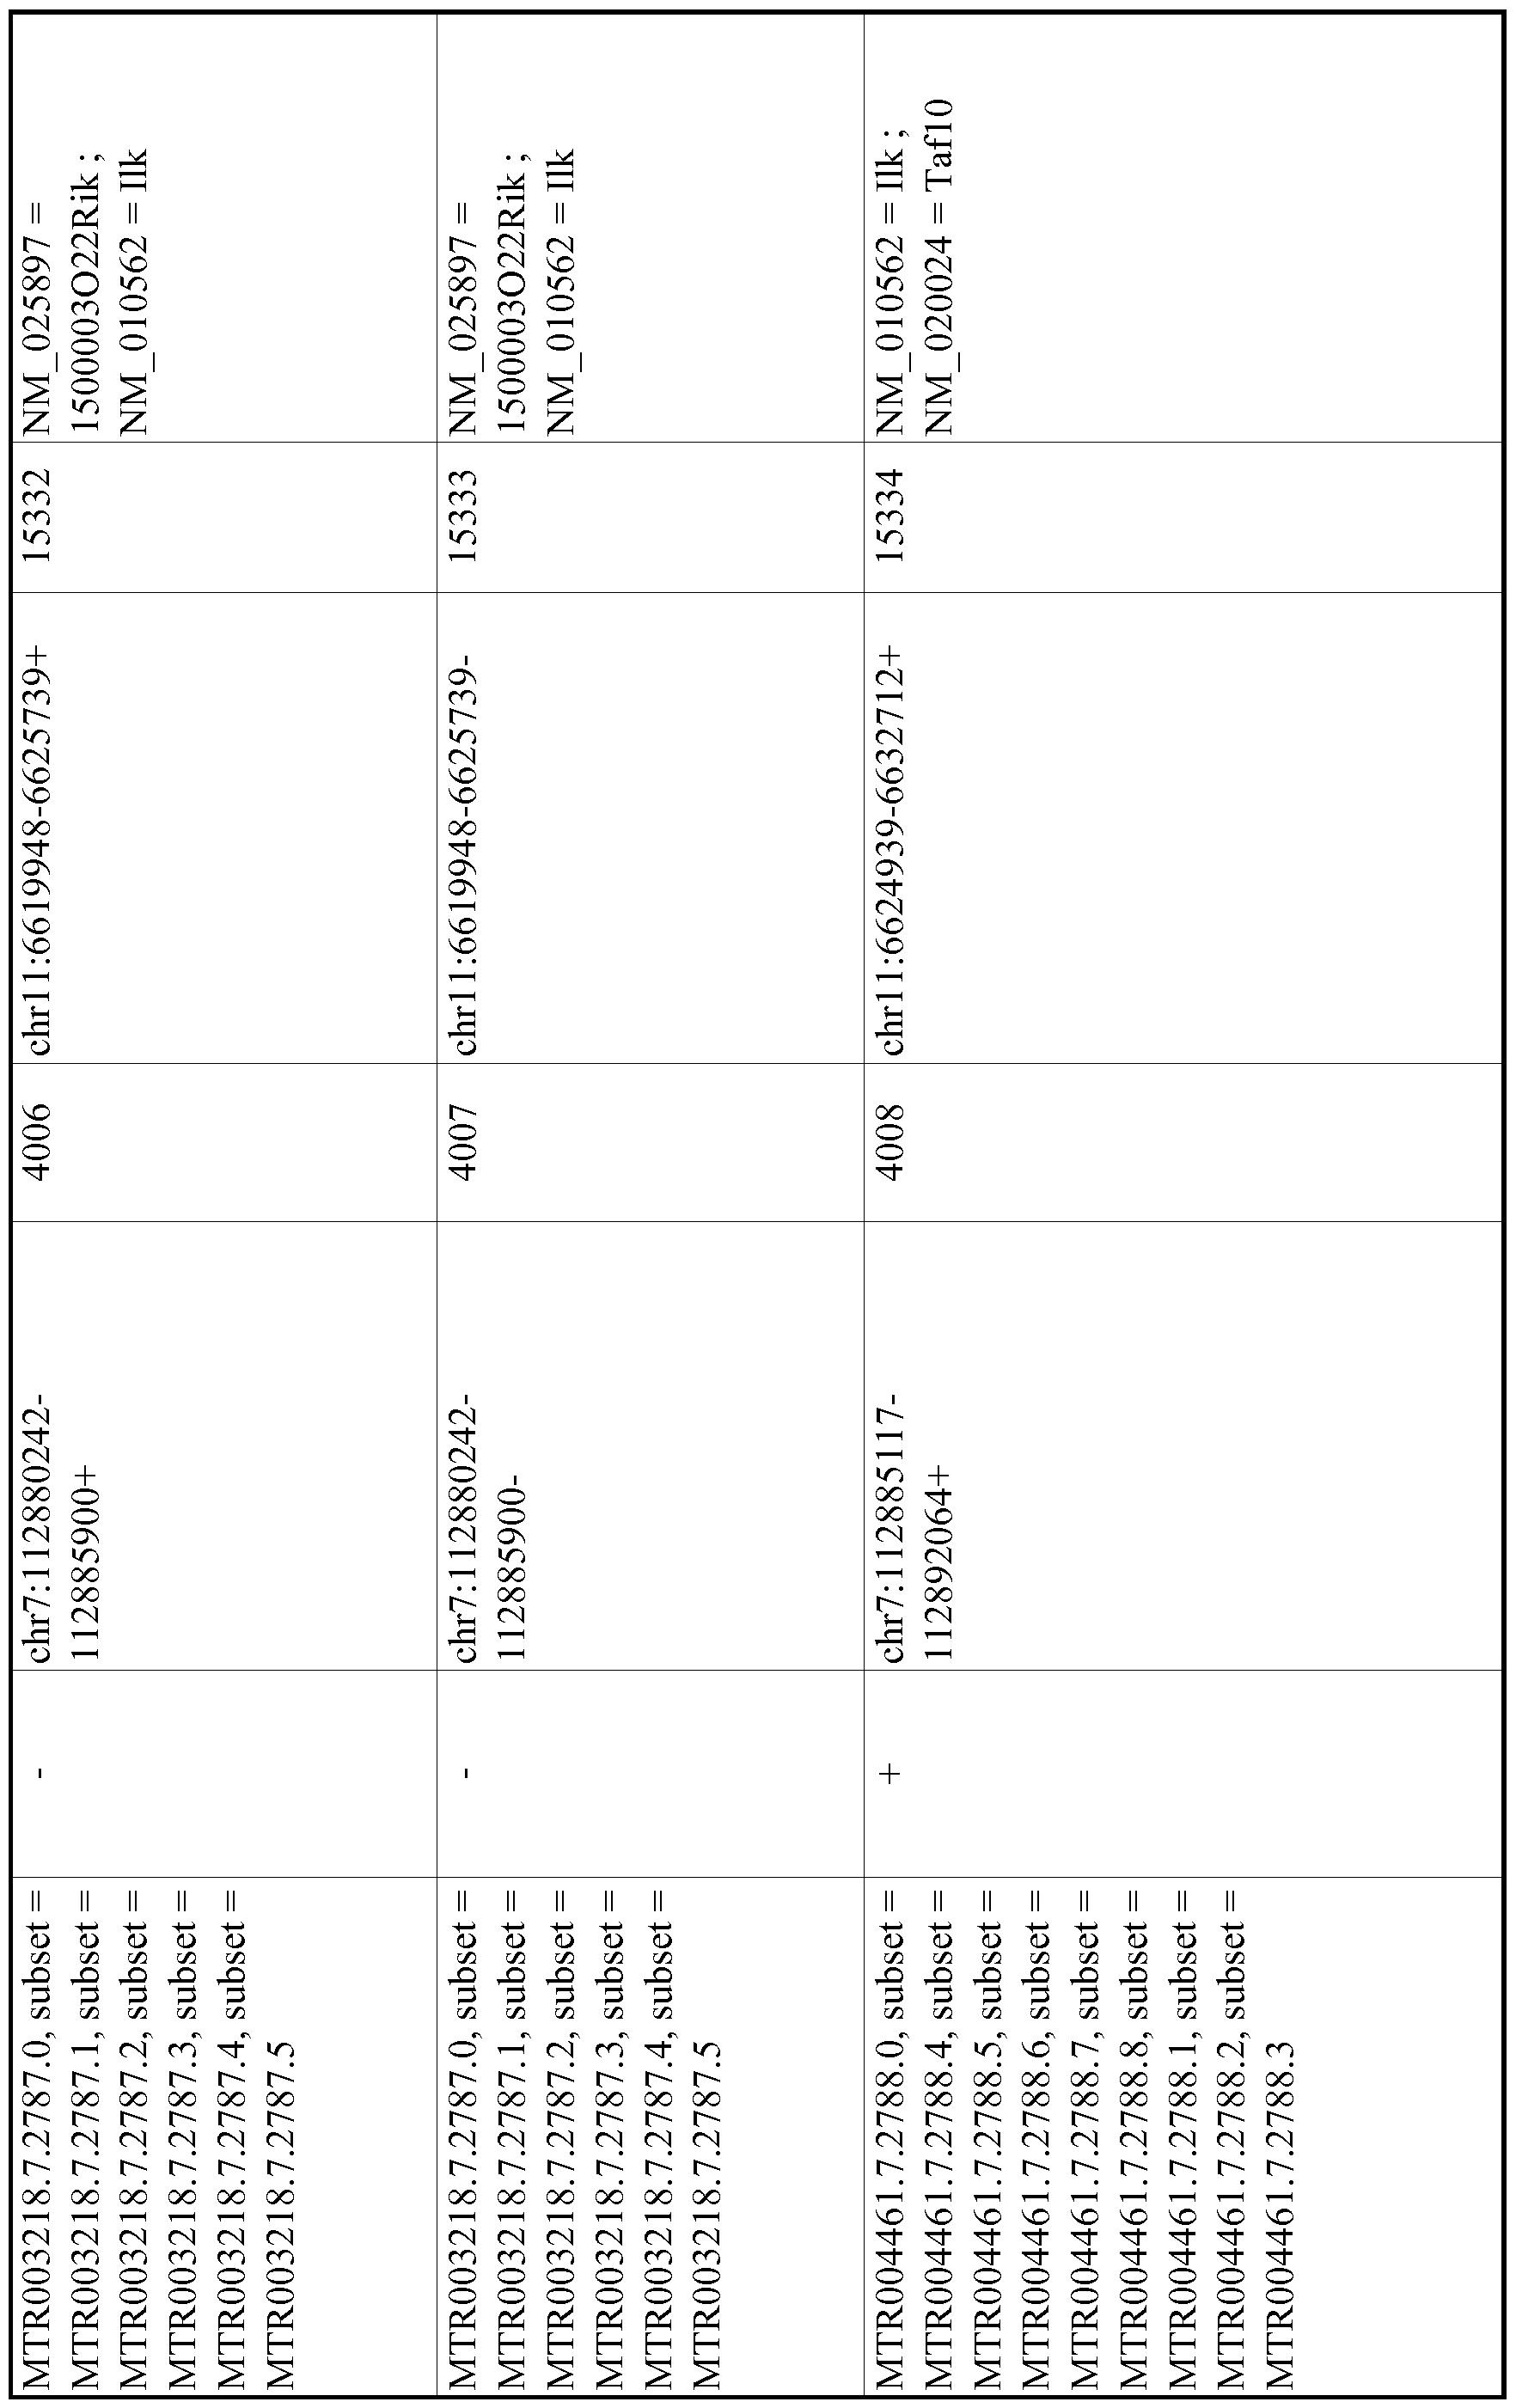 Figure imgf000762_0001